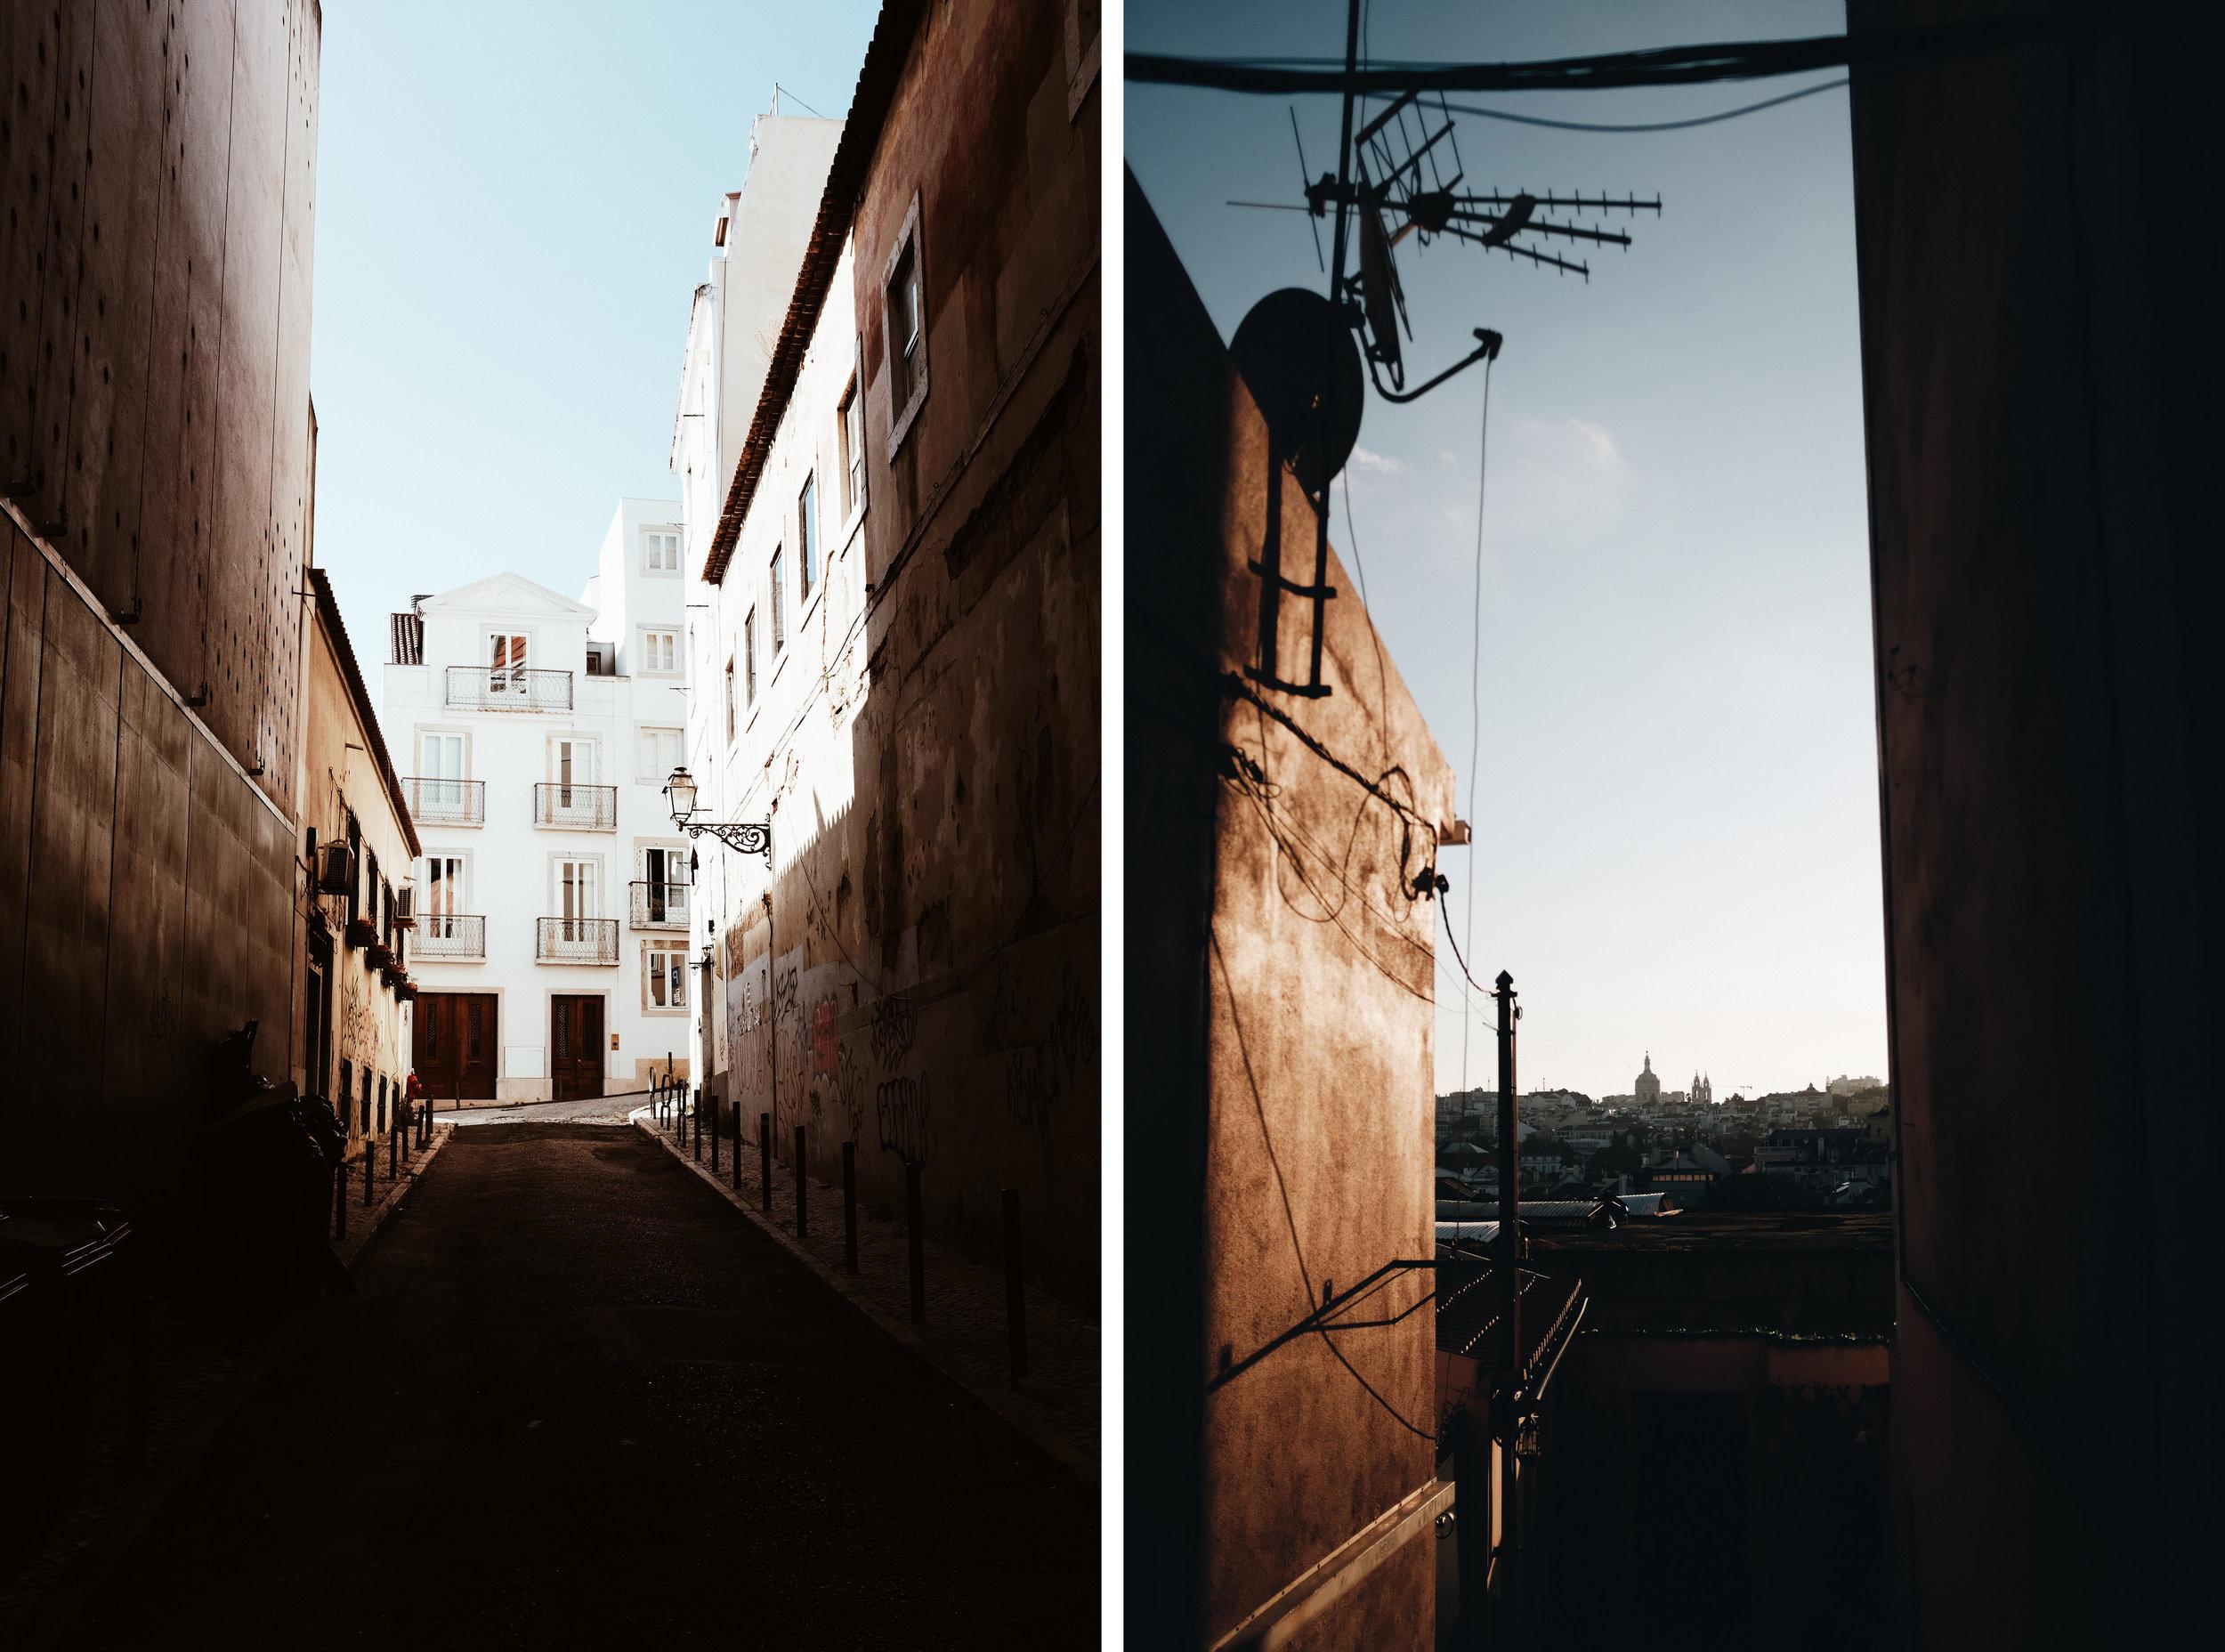 bairro2x.jpg